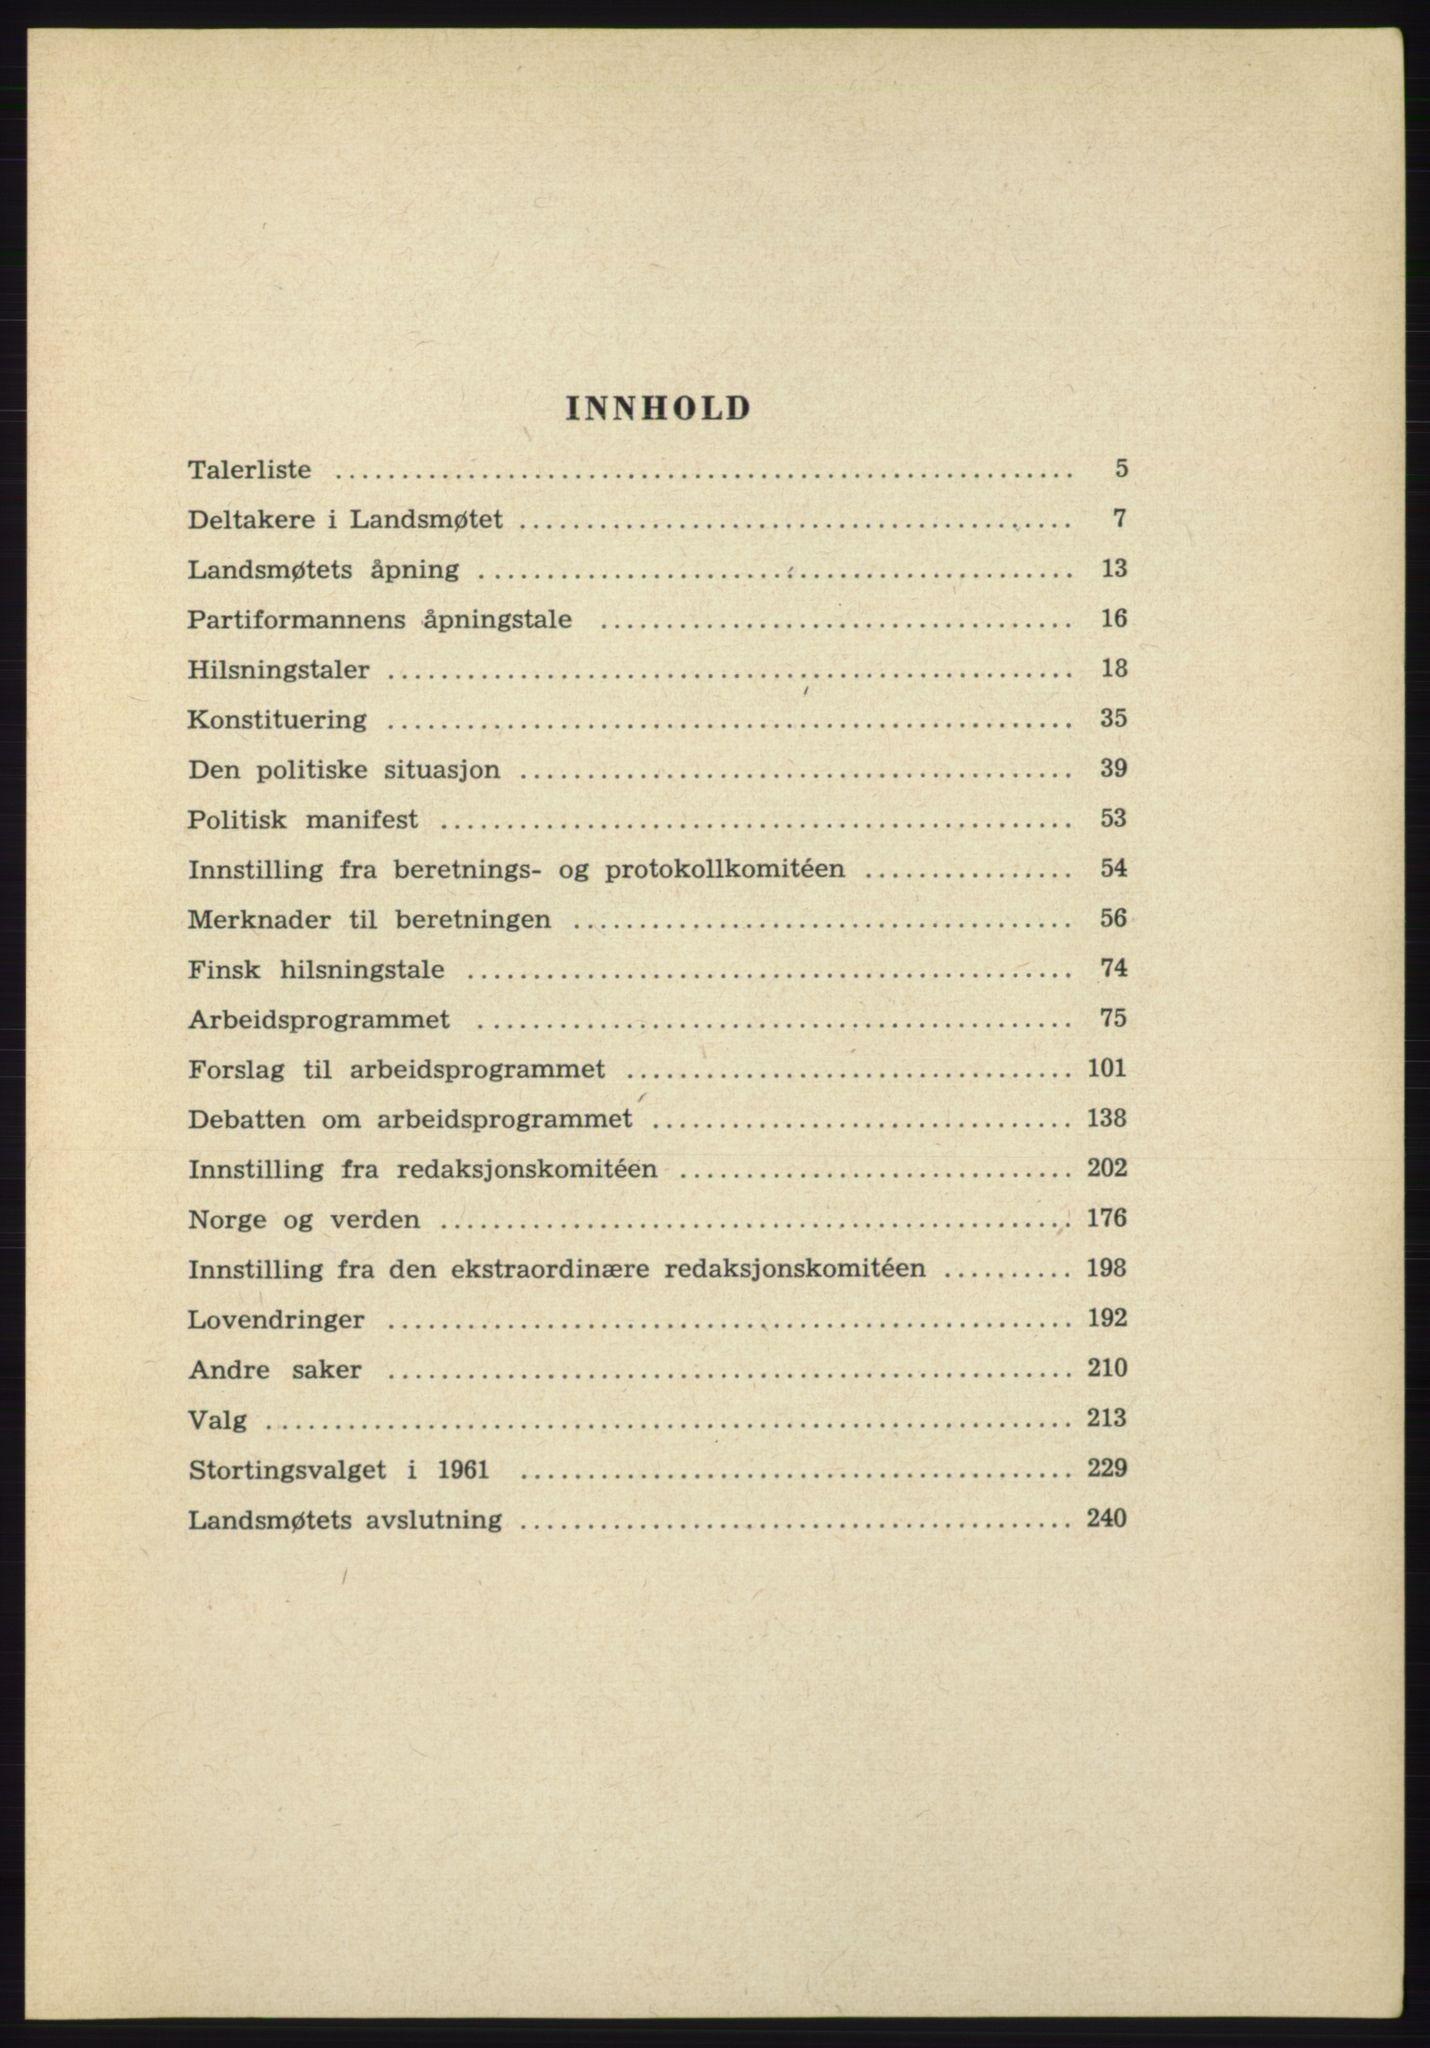 AAB, Det norske Arbeiderparti - publikasjoner, -/-: Protokoll over forhandlingene på det 38. ordinære landsmøte 9.-11. april 1961 i Oslo, 1961